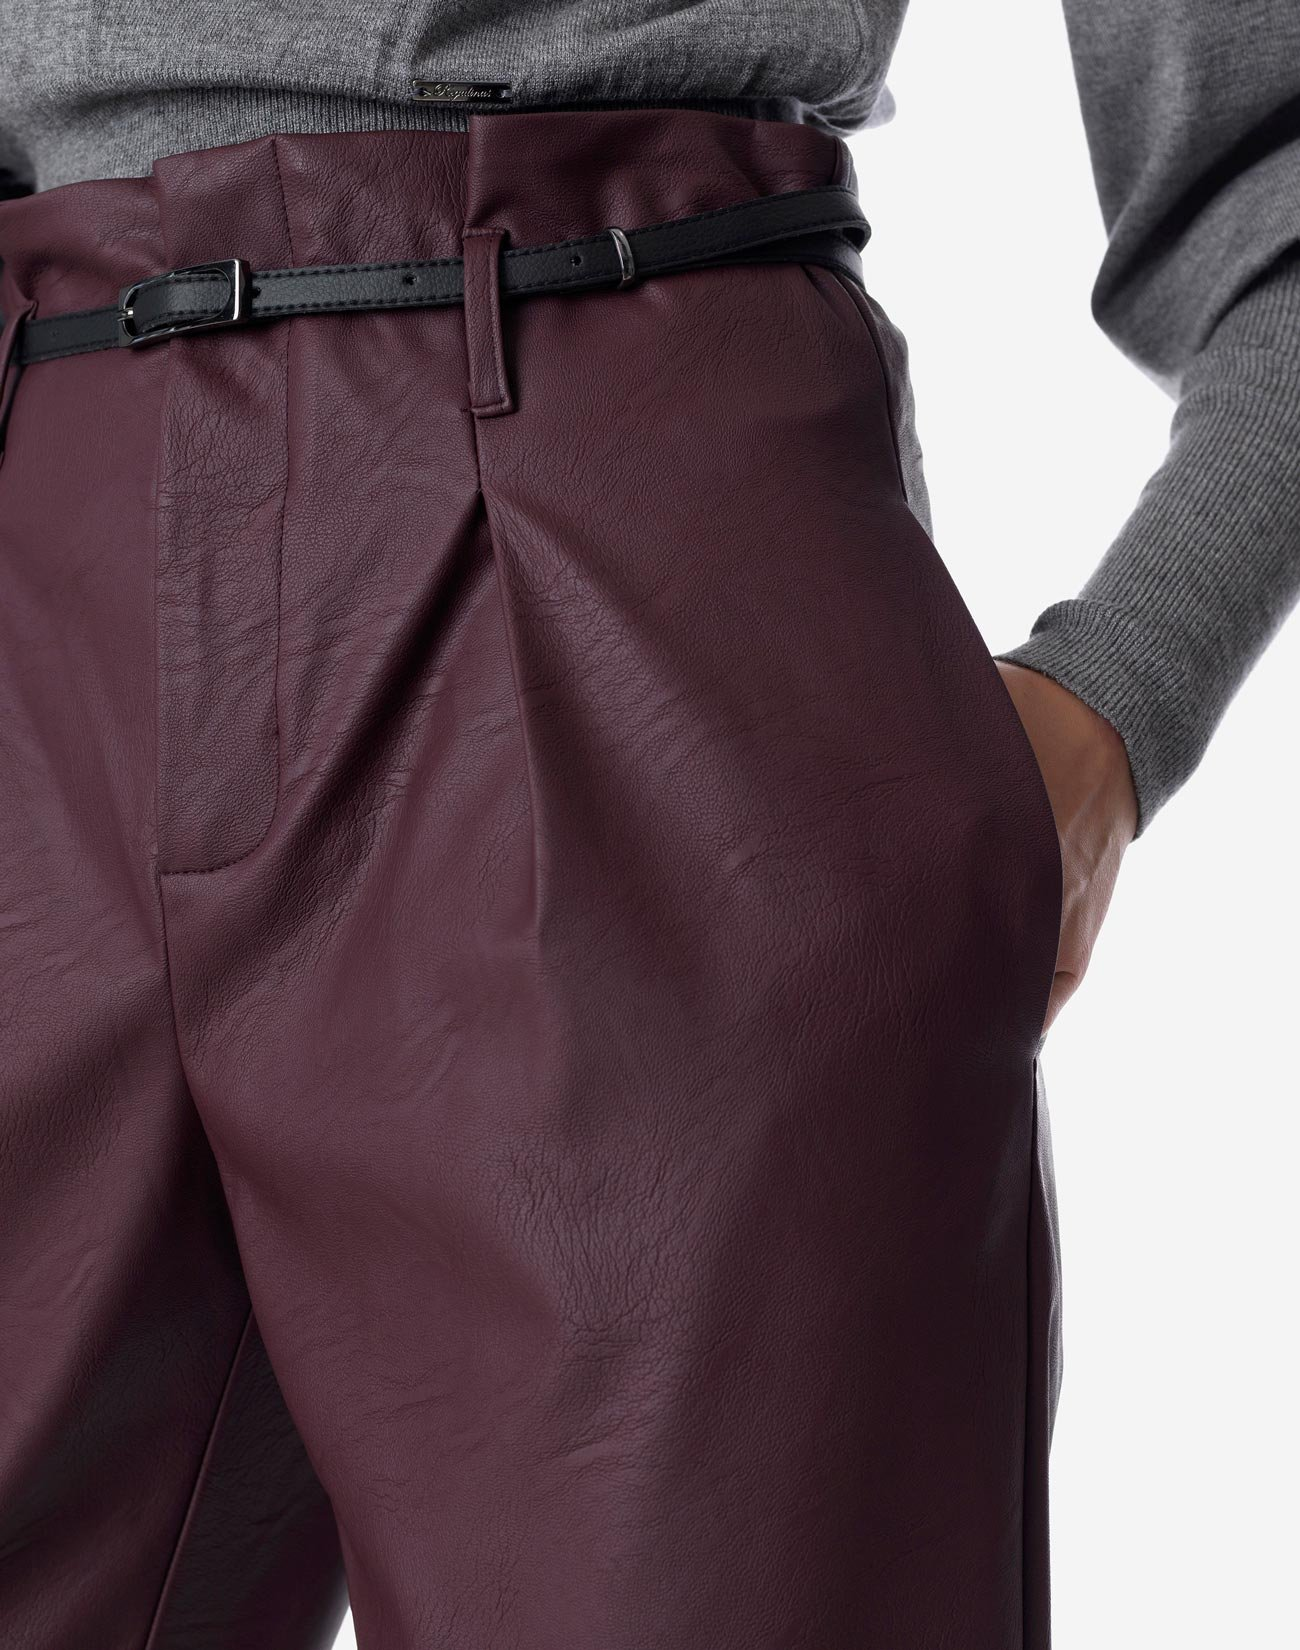 Ψηλόμεσο παντελόνι δερματίνης